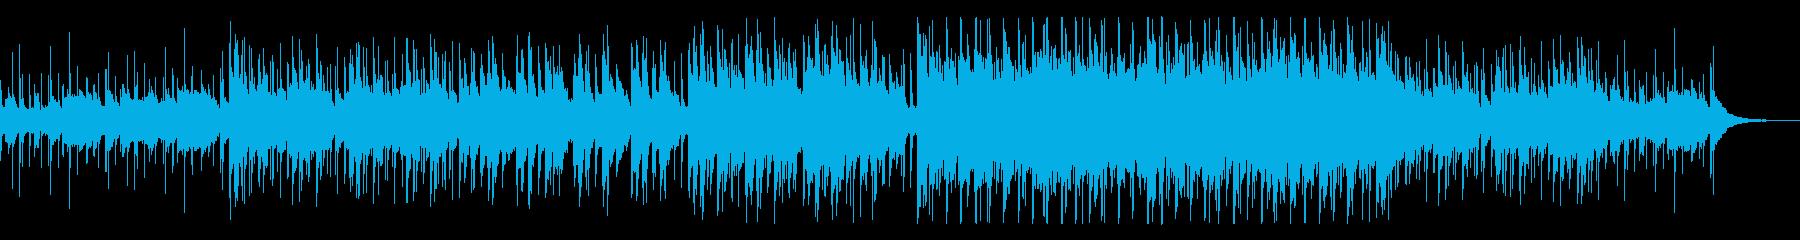 エスニックで怪しげな雰囲気のサウンドの再生済みの波形